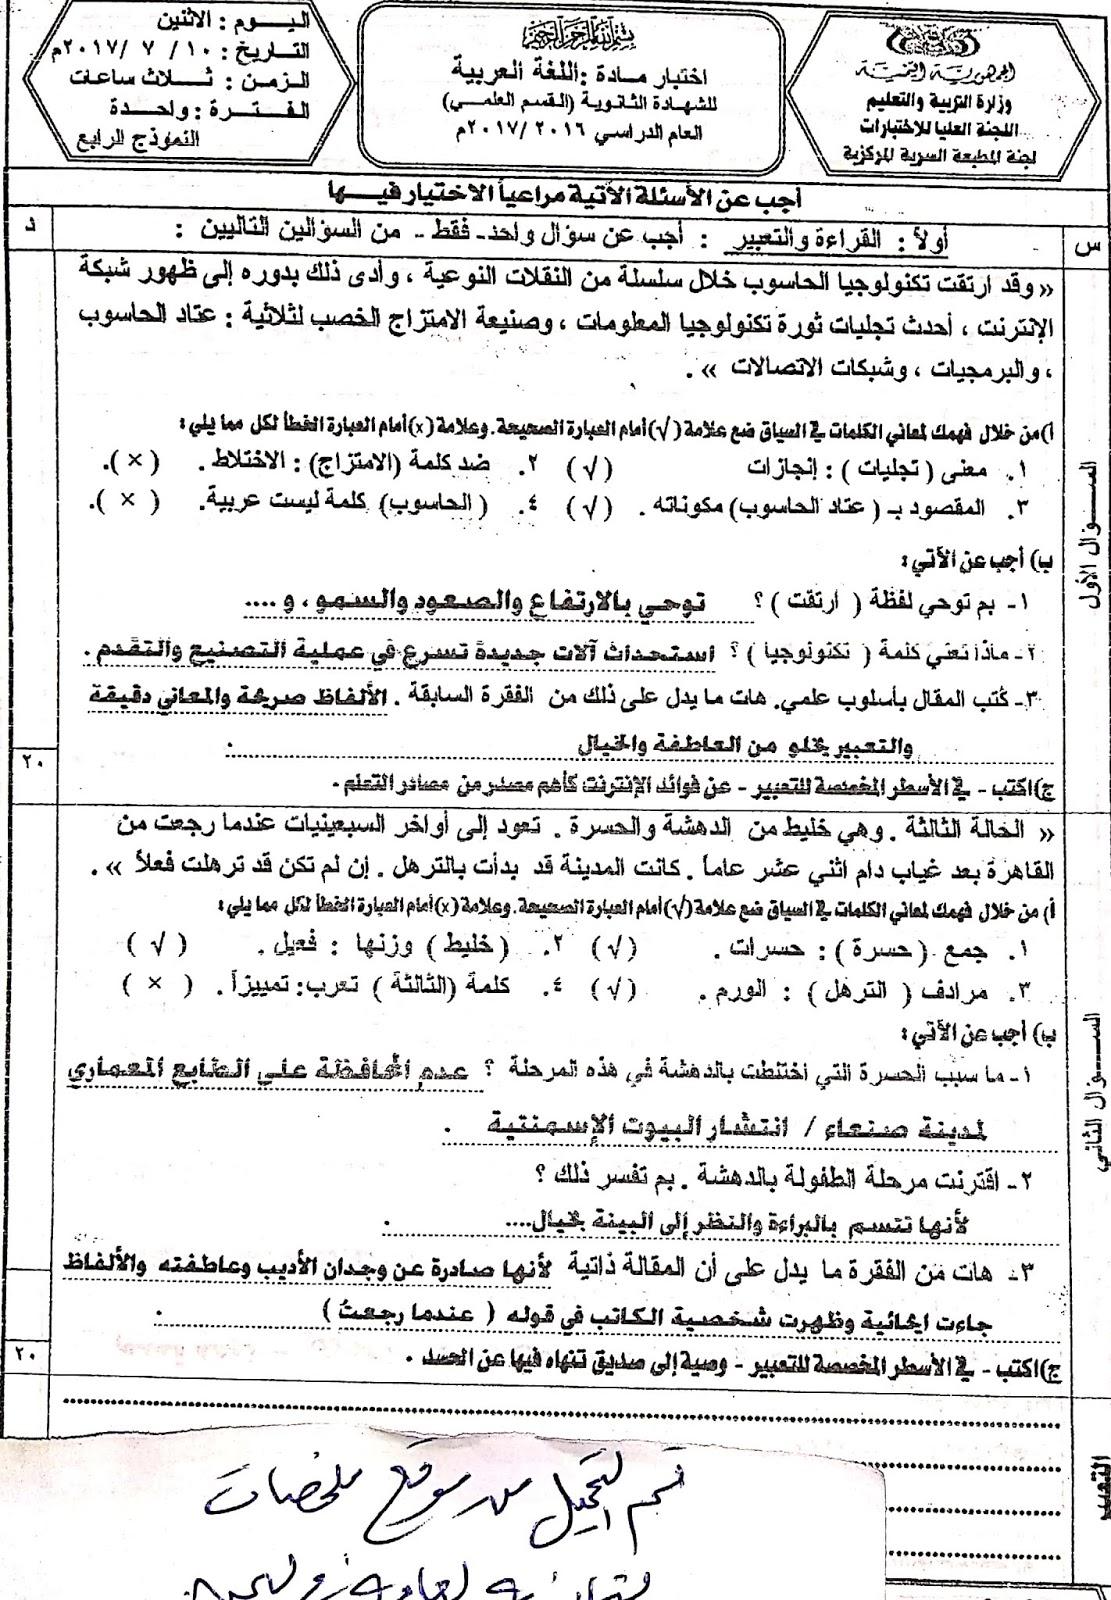 نموذج 3 لغة عربية نماذج اختبارات ثالث ثانوي اليمن ملخصات